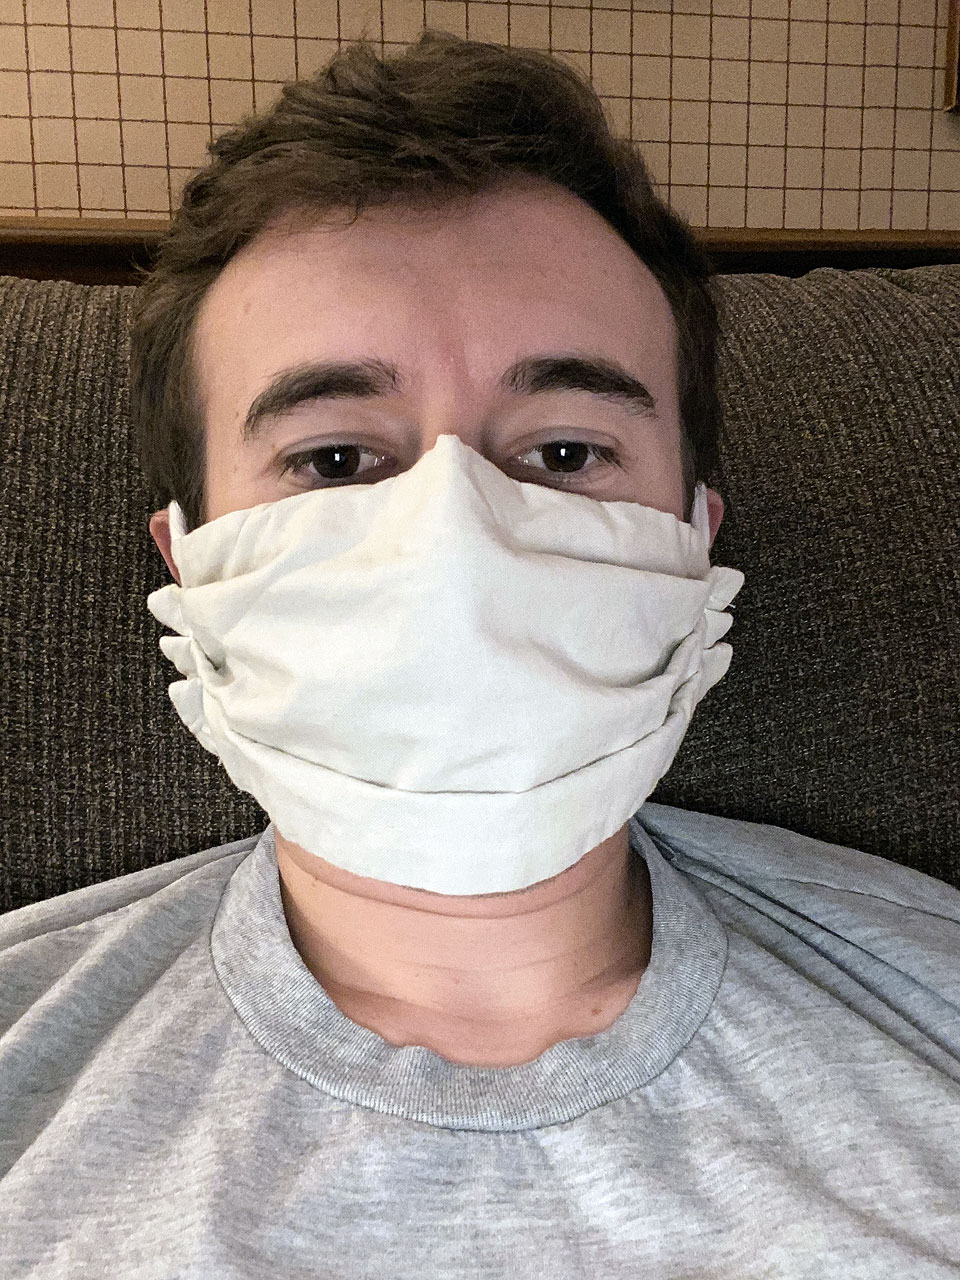 Josh Degen shares a mask selfie